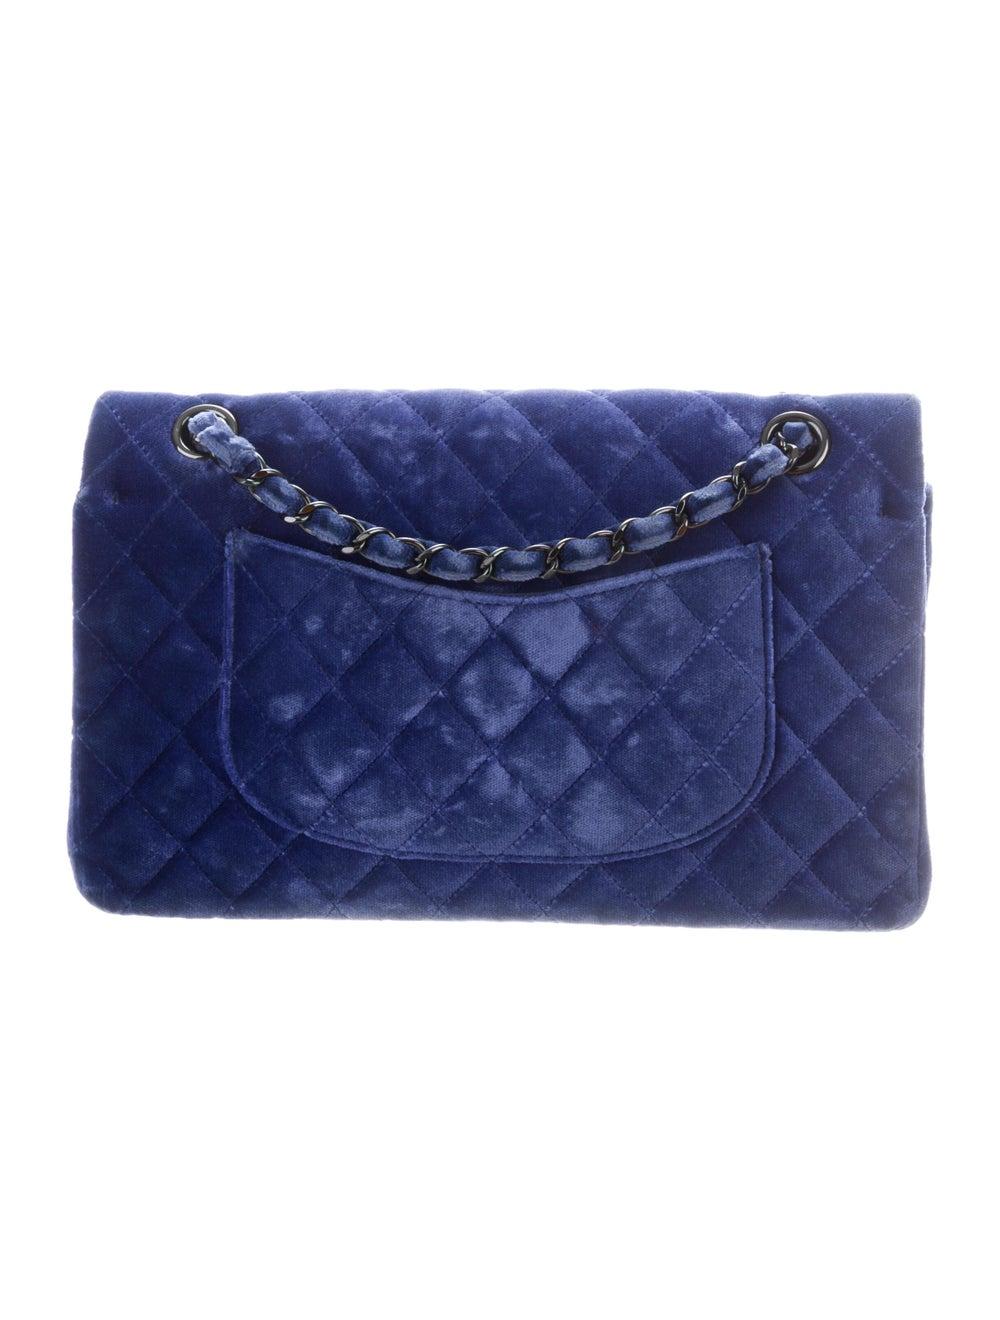 Chanel Velvet Medium Double Flap Bag Blue - image 4